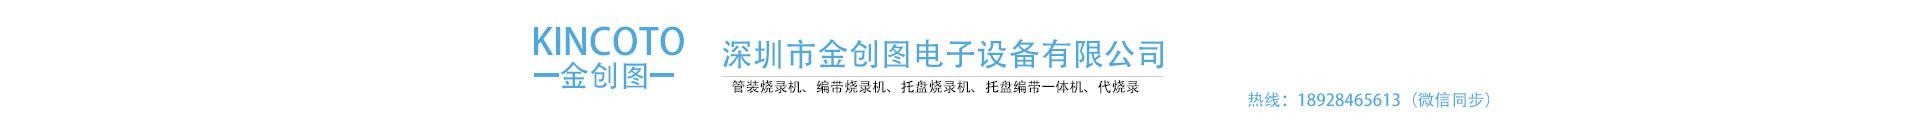 深圳市金創圖電子設備有限公司